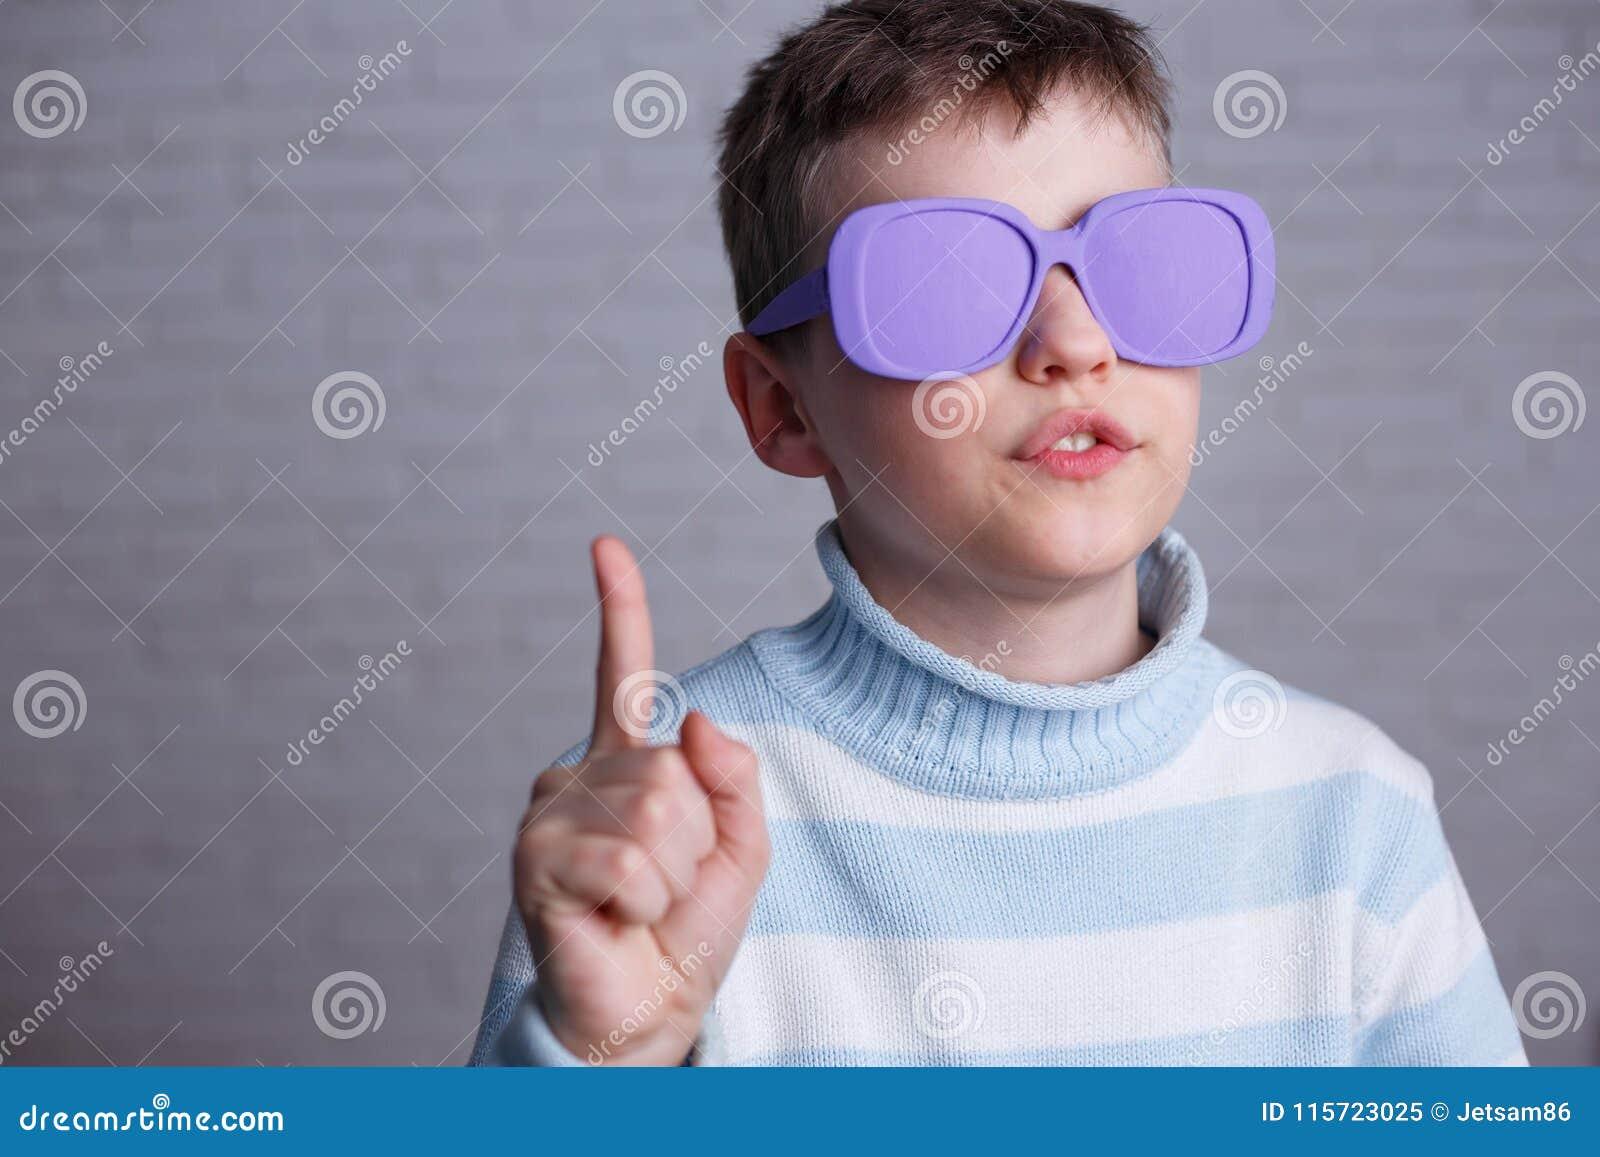 Netter Junge in der violetten Sonnenbrille mit undurchsichtigen Linsen aufwärts zeigend